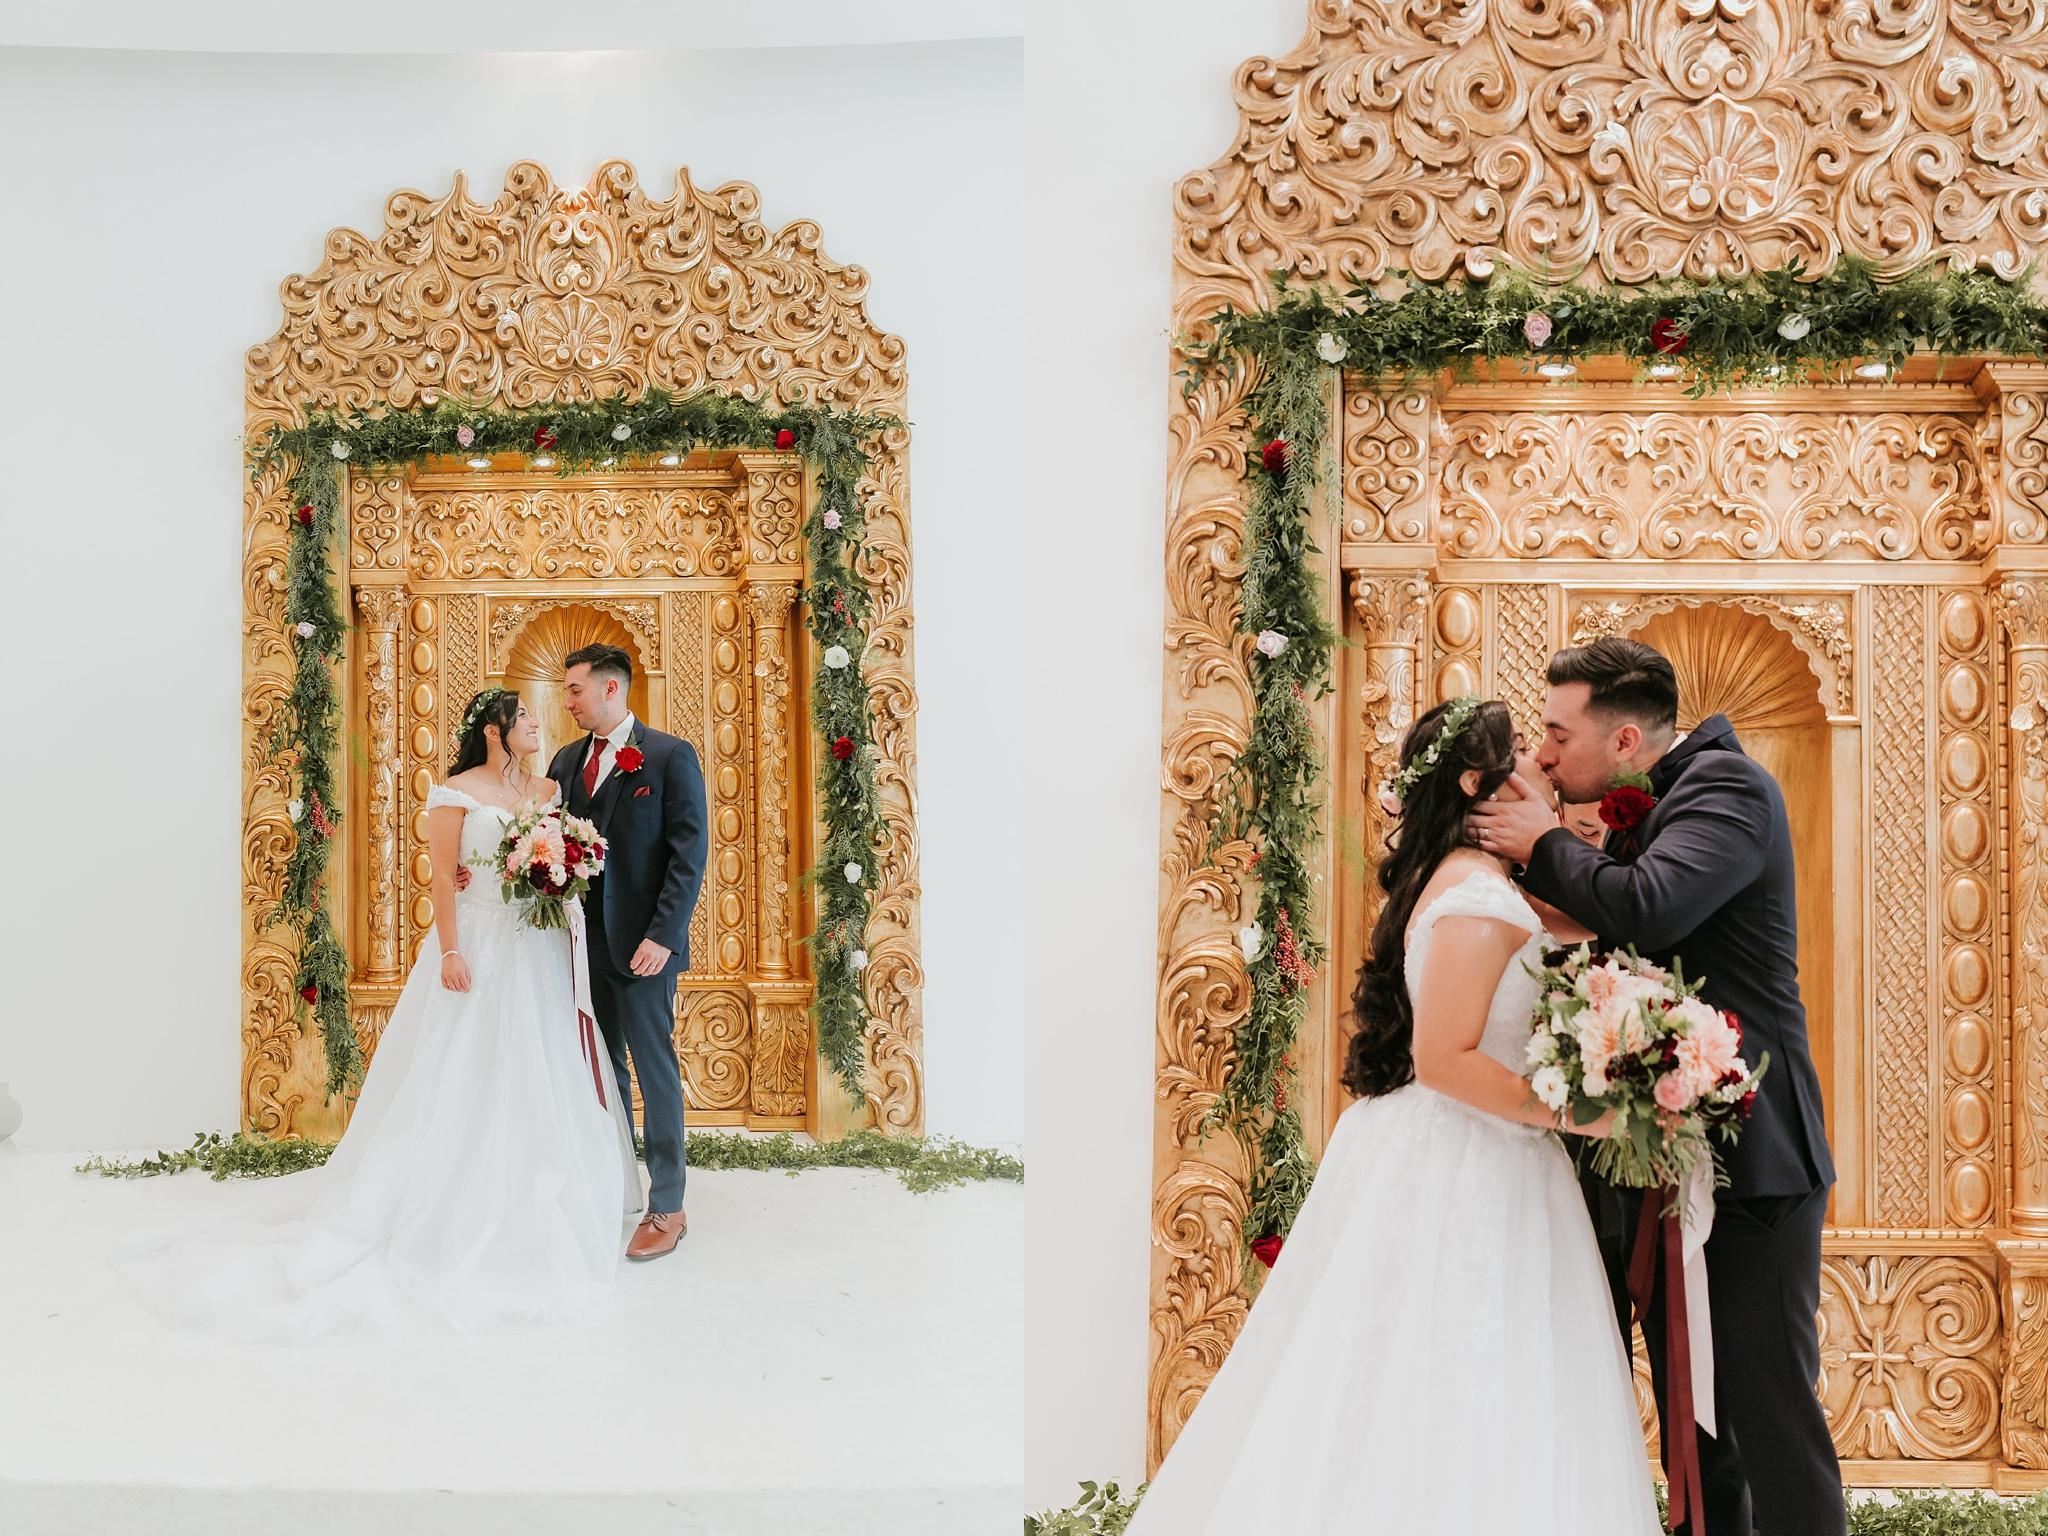 Alicia+lucia+photography+-+albuquerque+wedding+photographer+-+santa+fe+wedding+photography+-+new+mexico+wedding+photographer+-+wedding+ceremony+-+wedding+alter+-+floral+alter_0013.jpg